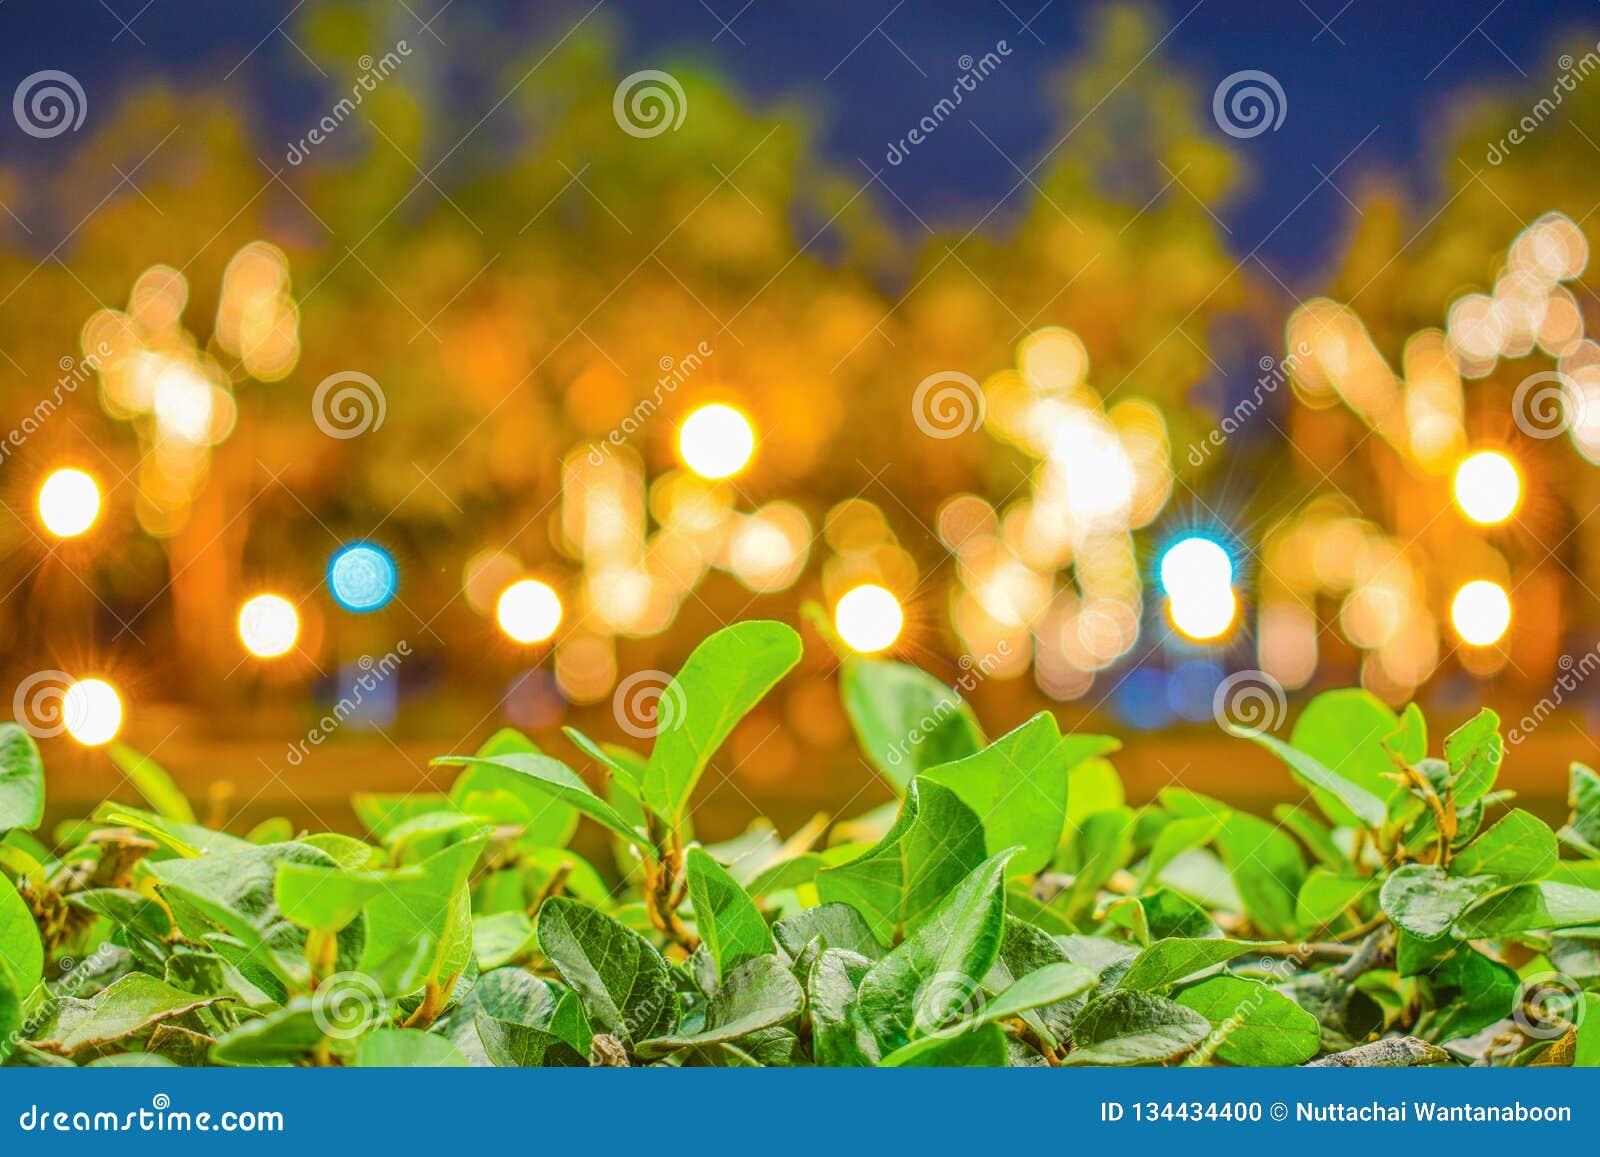 在被弄脏的Bokeh背景前面的绿色叶子